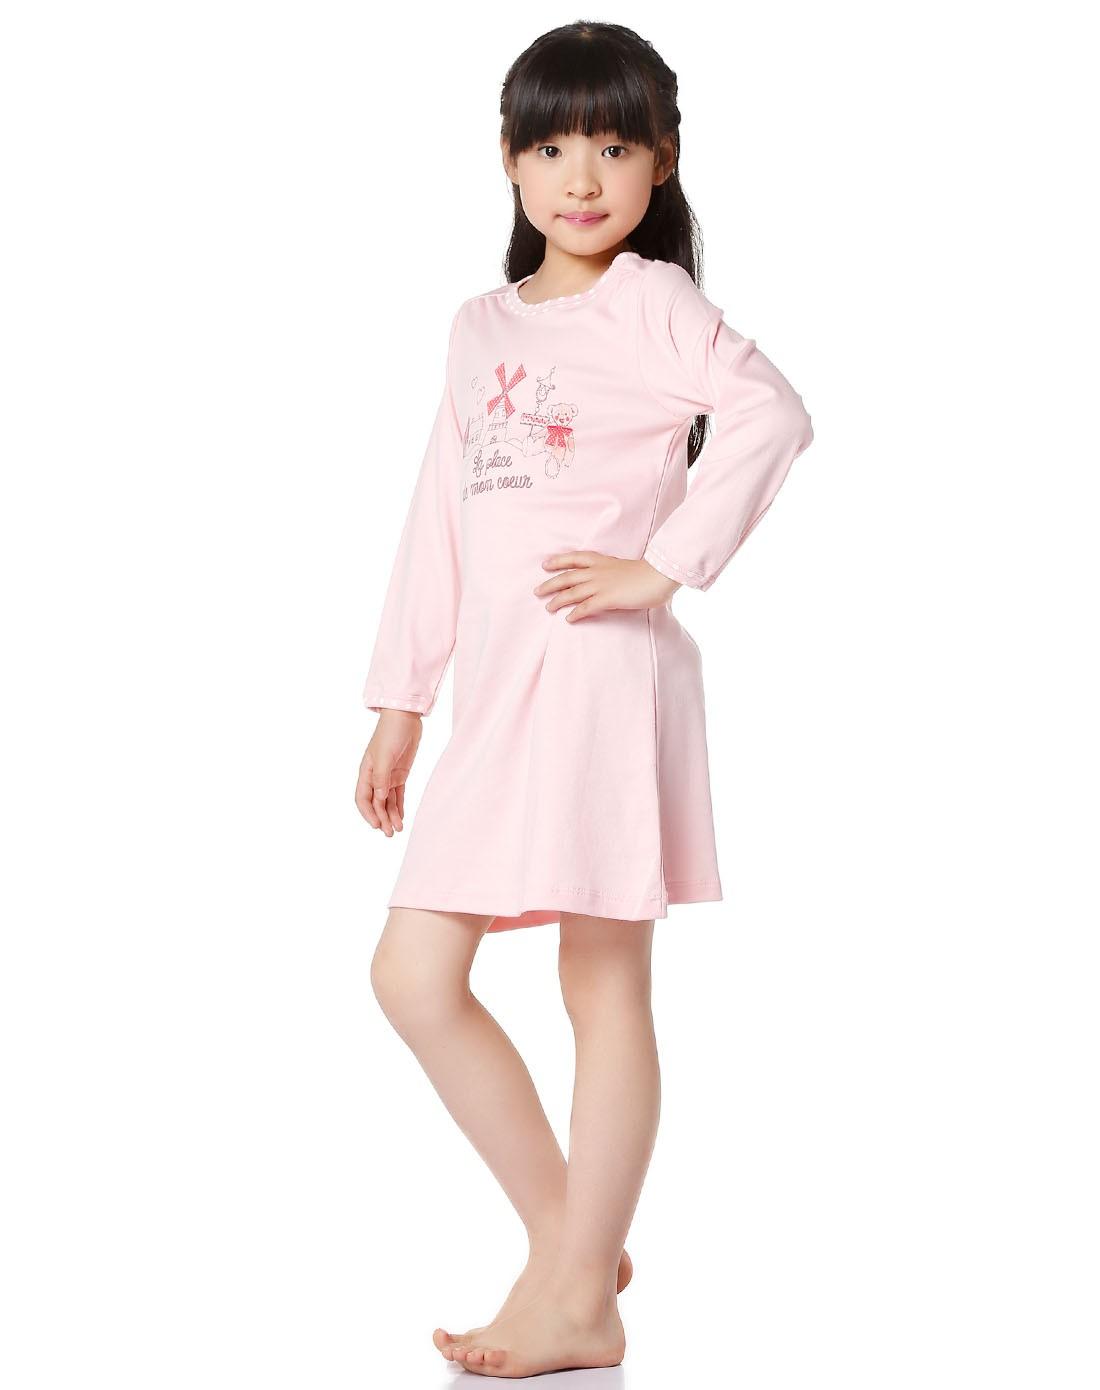 kids女孩粉红色可爱舒适睡衣